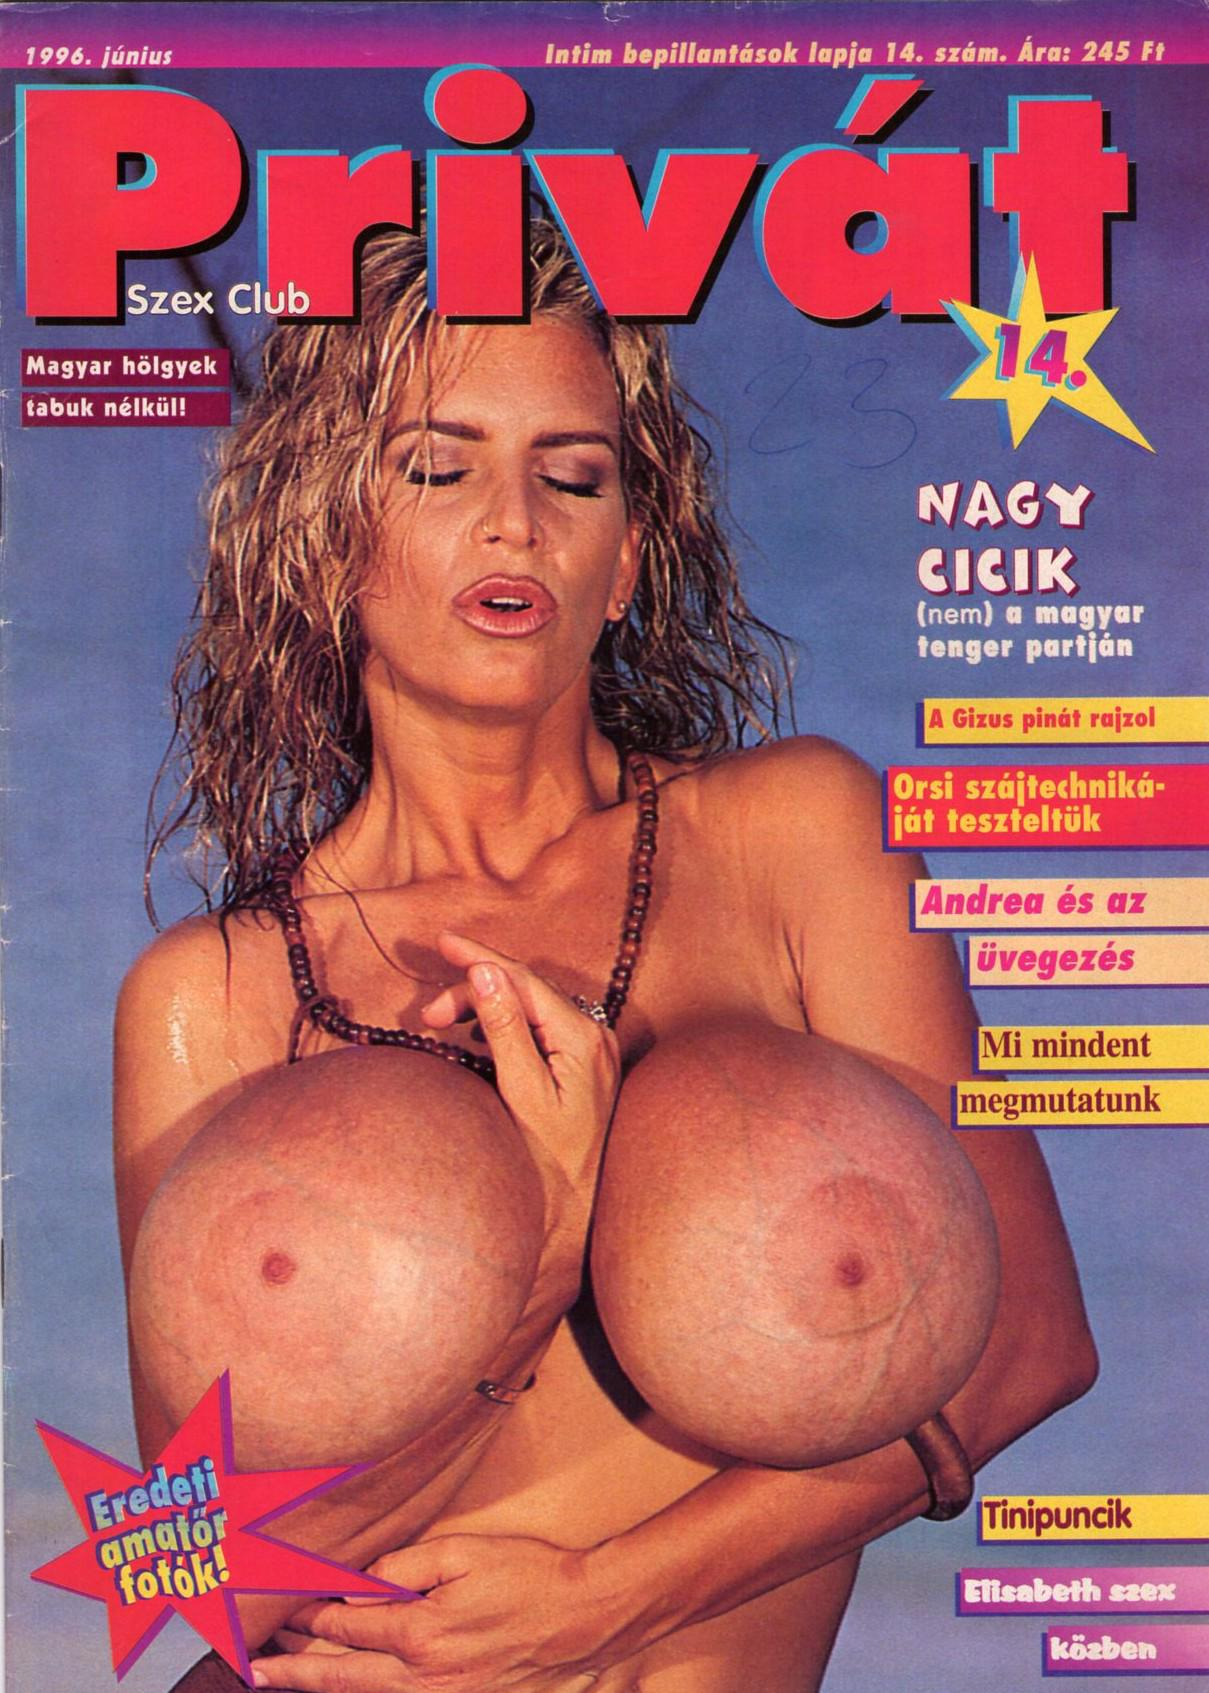 Фото с чешских порно журналов, шикарные формы в мини бикини